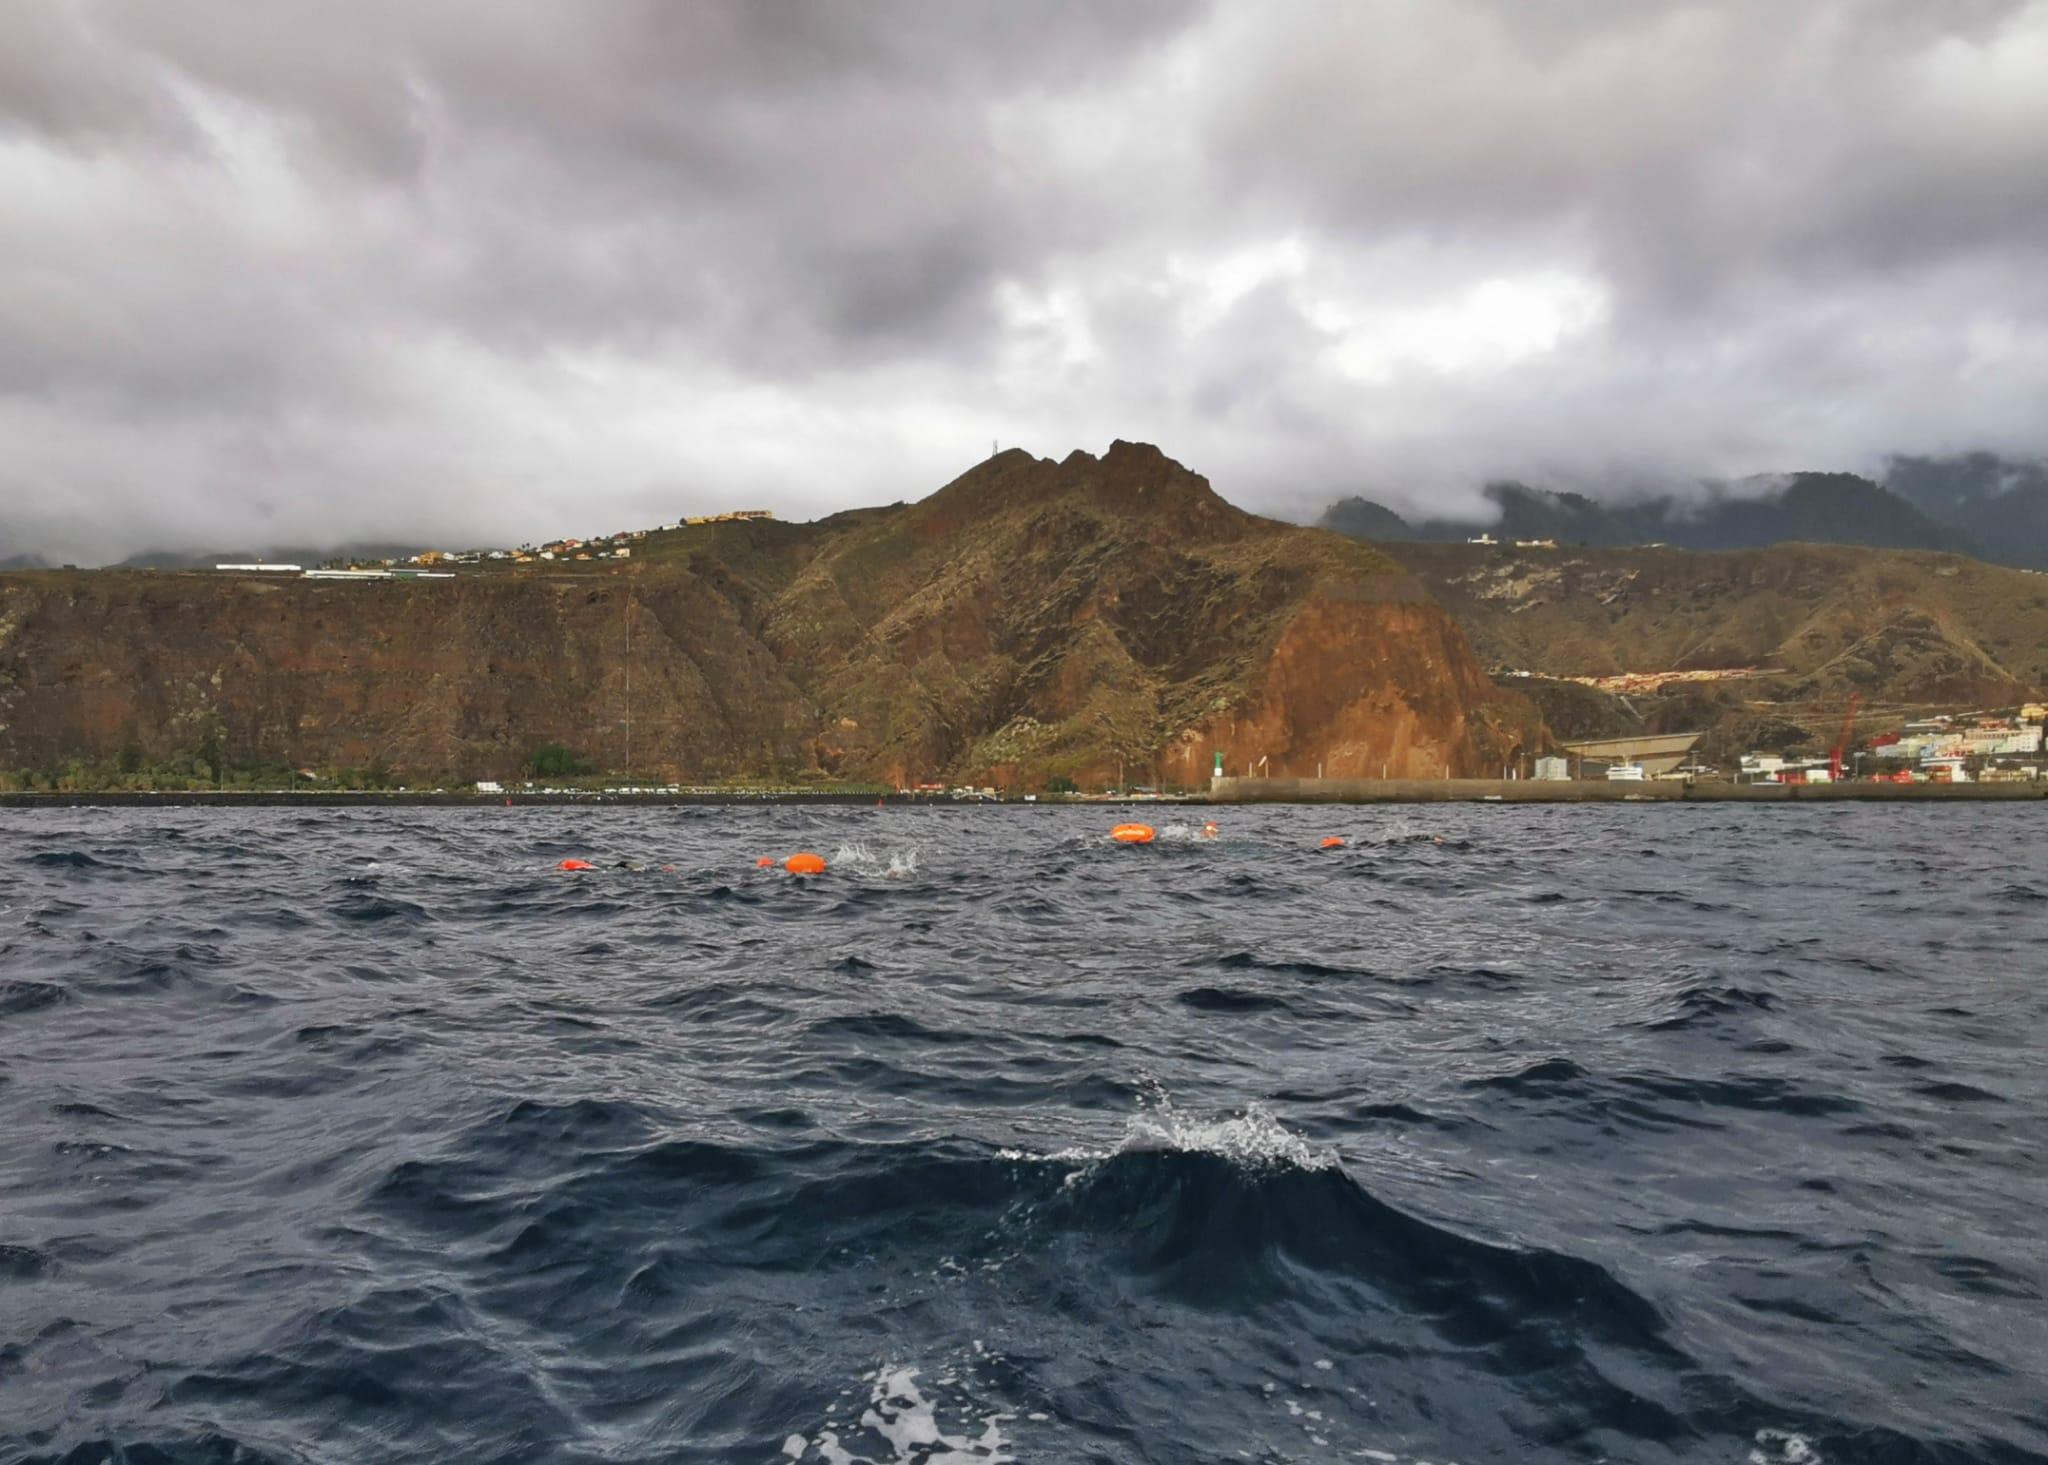 Abiertas las inscripciones para la VIII Travesía a Nado Isla de La Palma - El Apurón